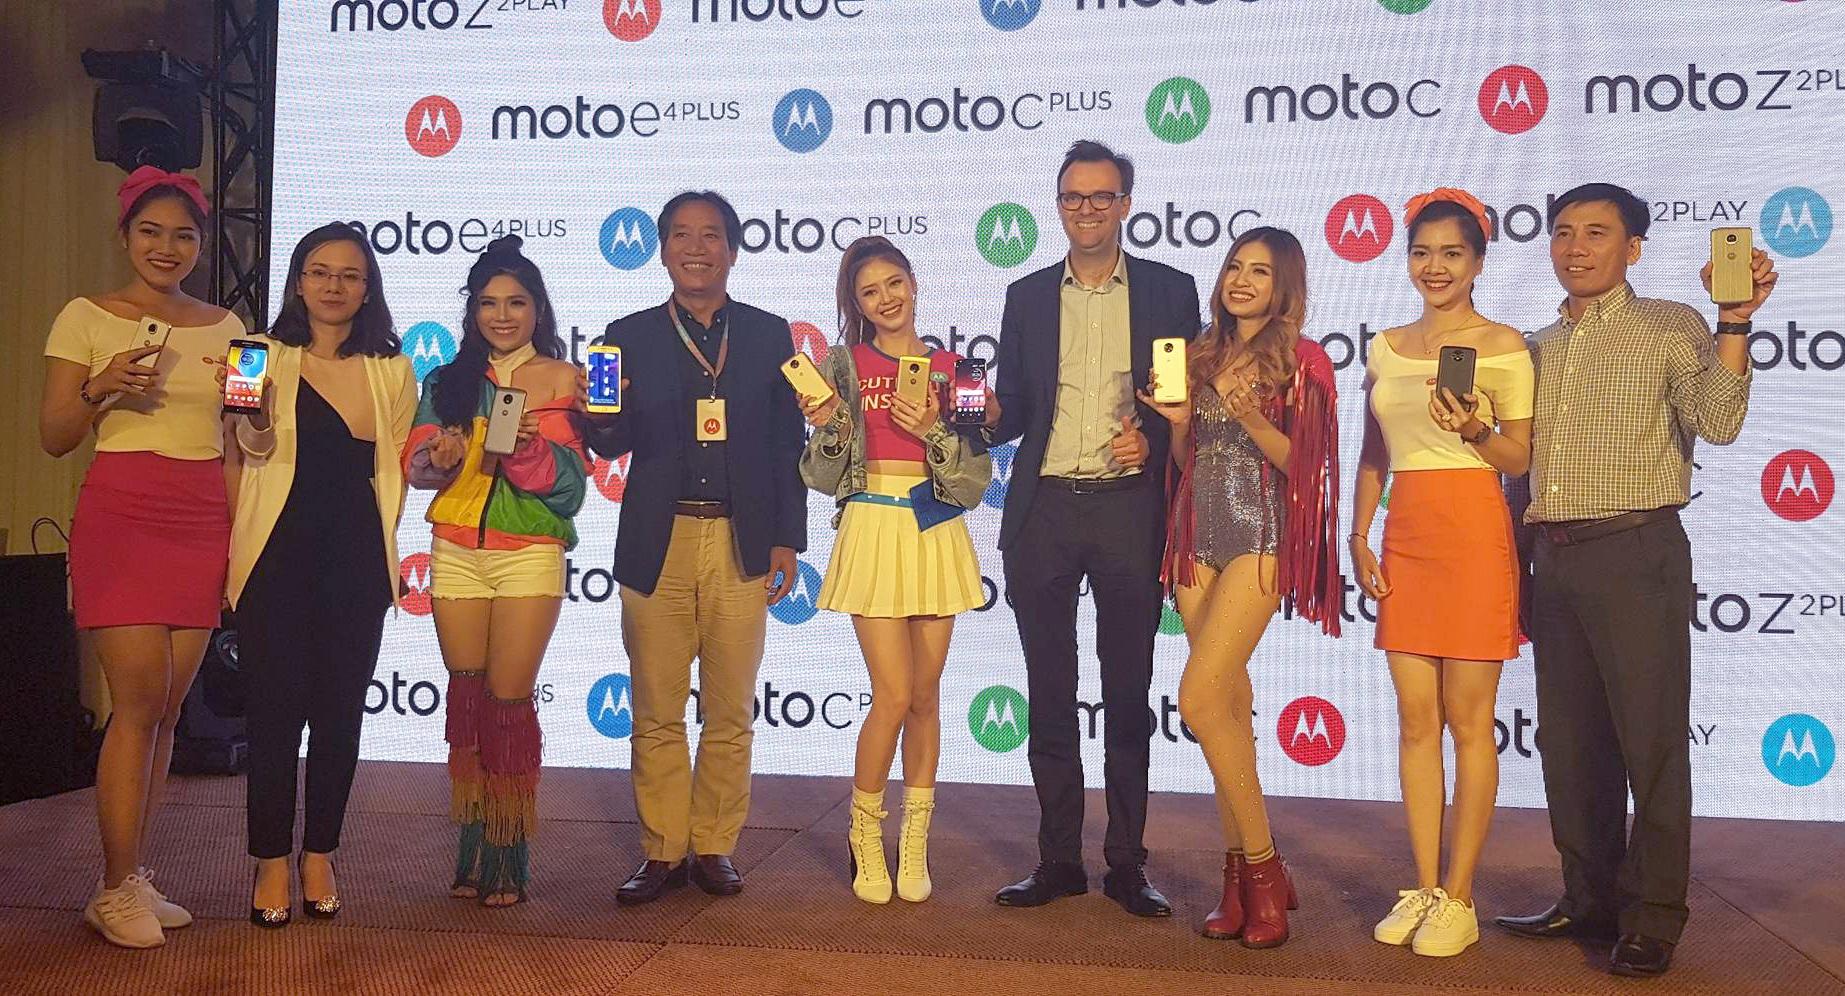 Motorola trình làng loạt smartphone mới, giá từ 1,9 triệu đồng - 1